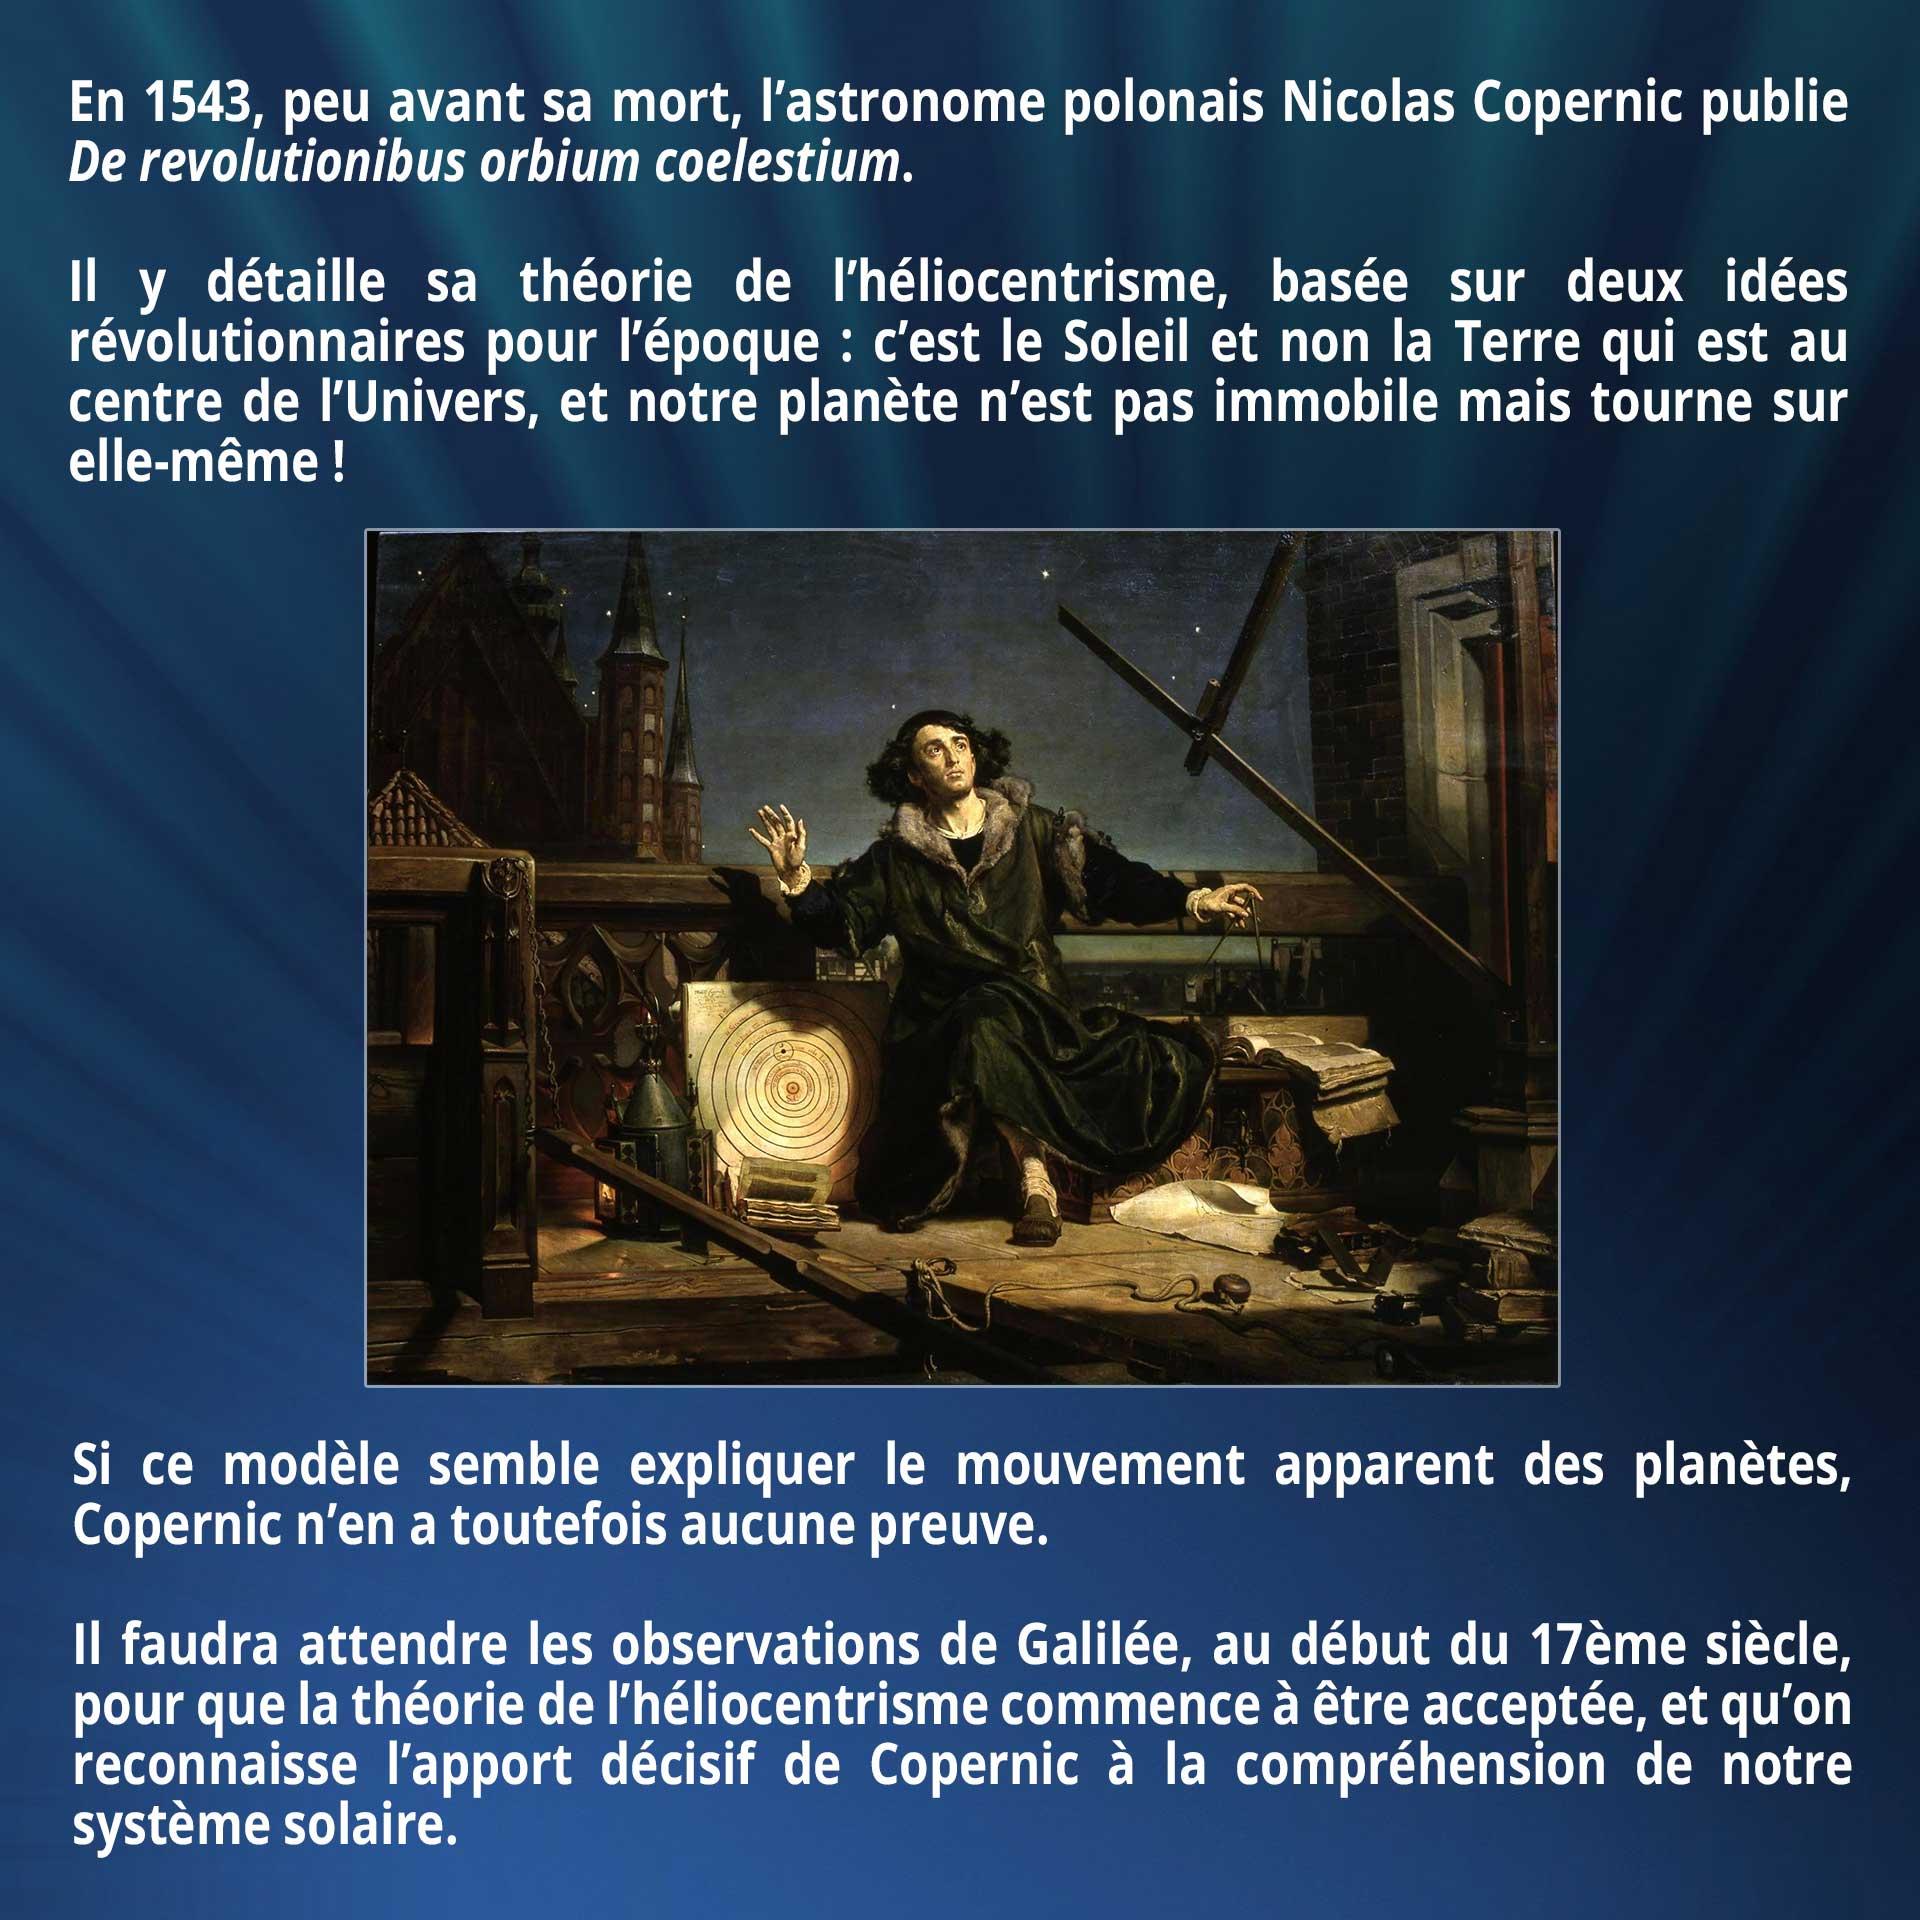 En 1543, peu avant sa mort, l'astronome polonais Nicolas Copernic publie De revolutionibus orbium coelestium. Il y détaille sa théorie de l'héliocentrisme, basée sur deux idées révolutionnaires pour l'époque : c'est le Soleil et non la Terre qui est au centre de l'Univers, et notre planète n'est pas immobile mais tourne sur elle-même ! Si ce modèle semble expliquer le mouvement apparent des planètes, Copernic n'en a toutefois aucune preuve. Il faudra attendre les observations de Galilée, au début du 17ème siècle, pour que la théorie de l'héliocentrisme commence à être acceptée, et qu'on reconnaisse l'apport décisif de Copernic à la compréhension de notre système solaire.